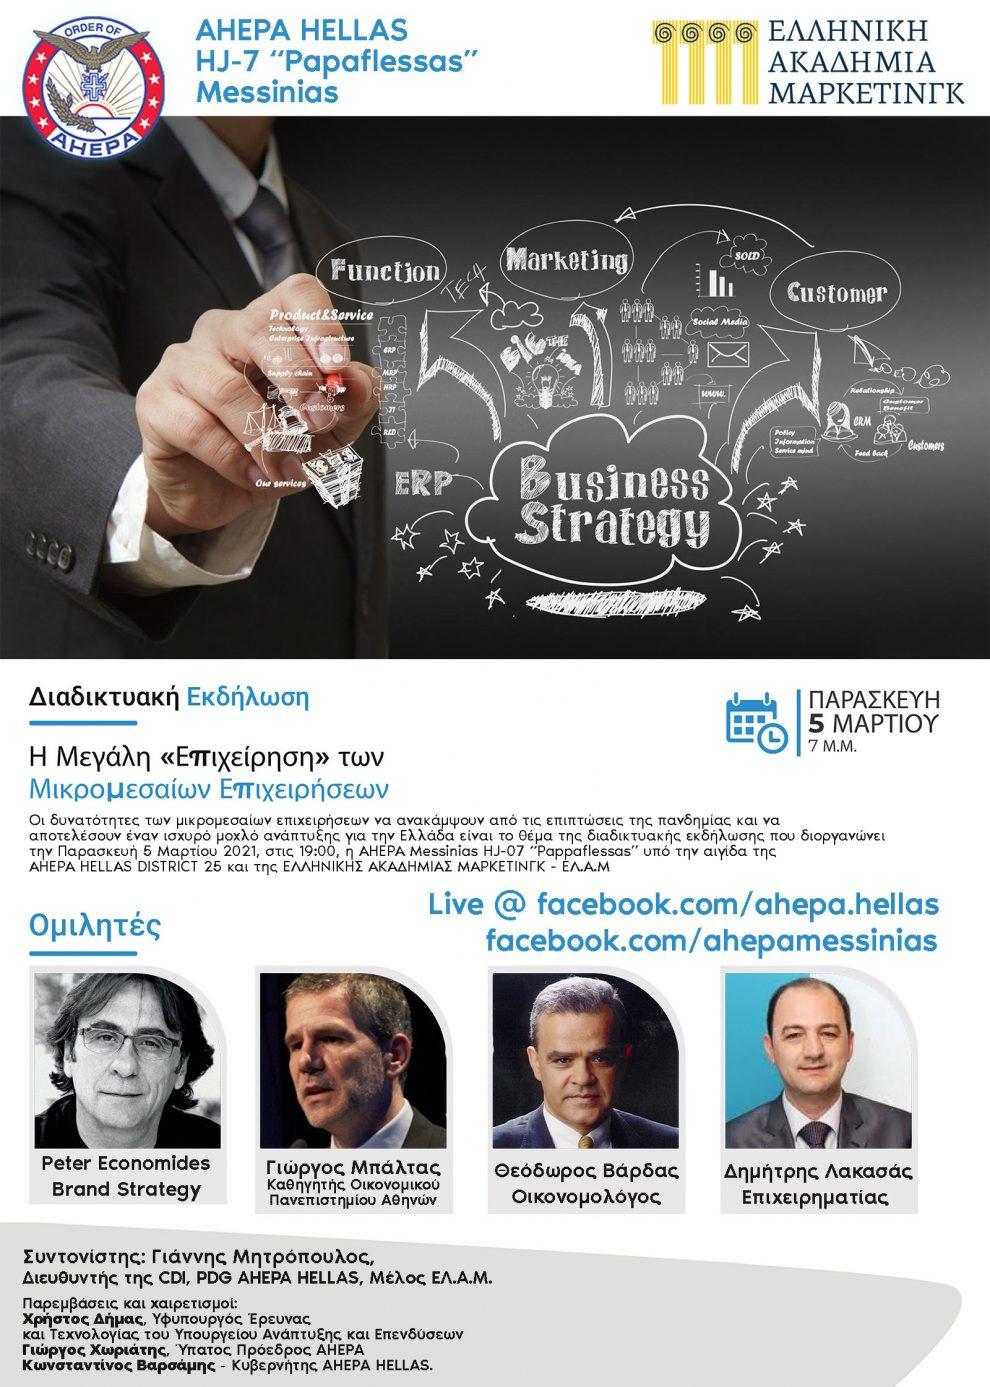 Η Μεγάλη «Επιχείρηση» των  Μικρομεσαίων Επιχειρήσεων – Διαδικτυακή εκδήλωση απ' την AHEPA MESSINIAS